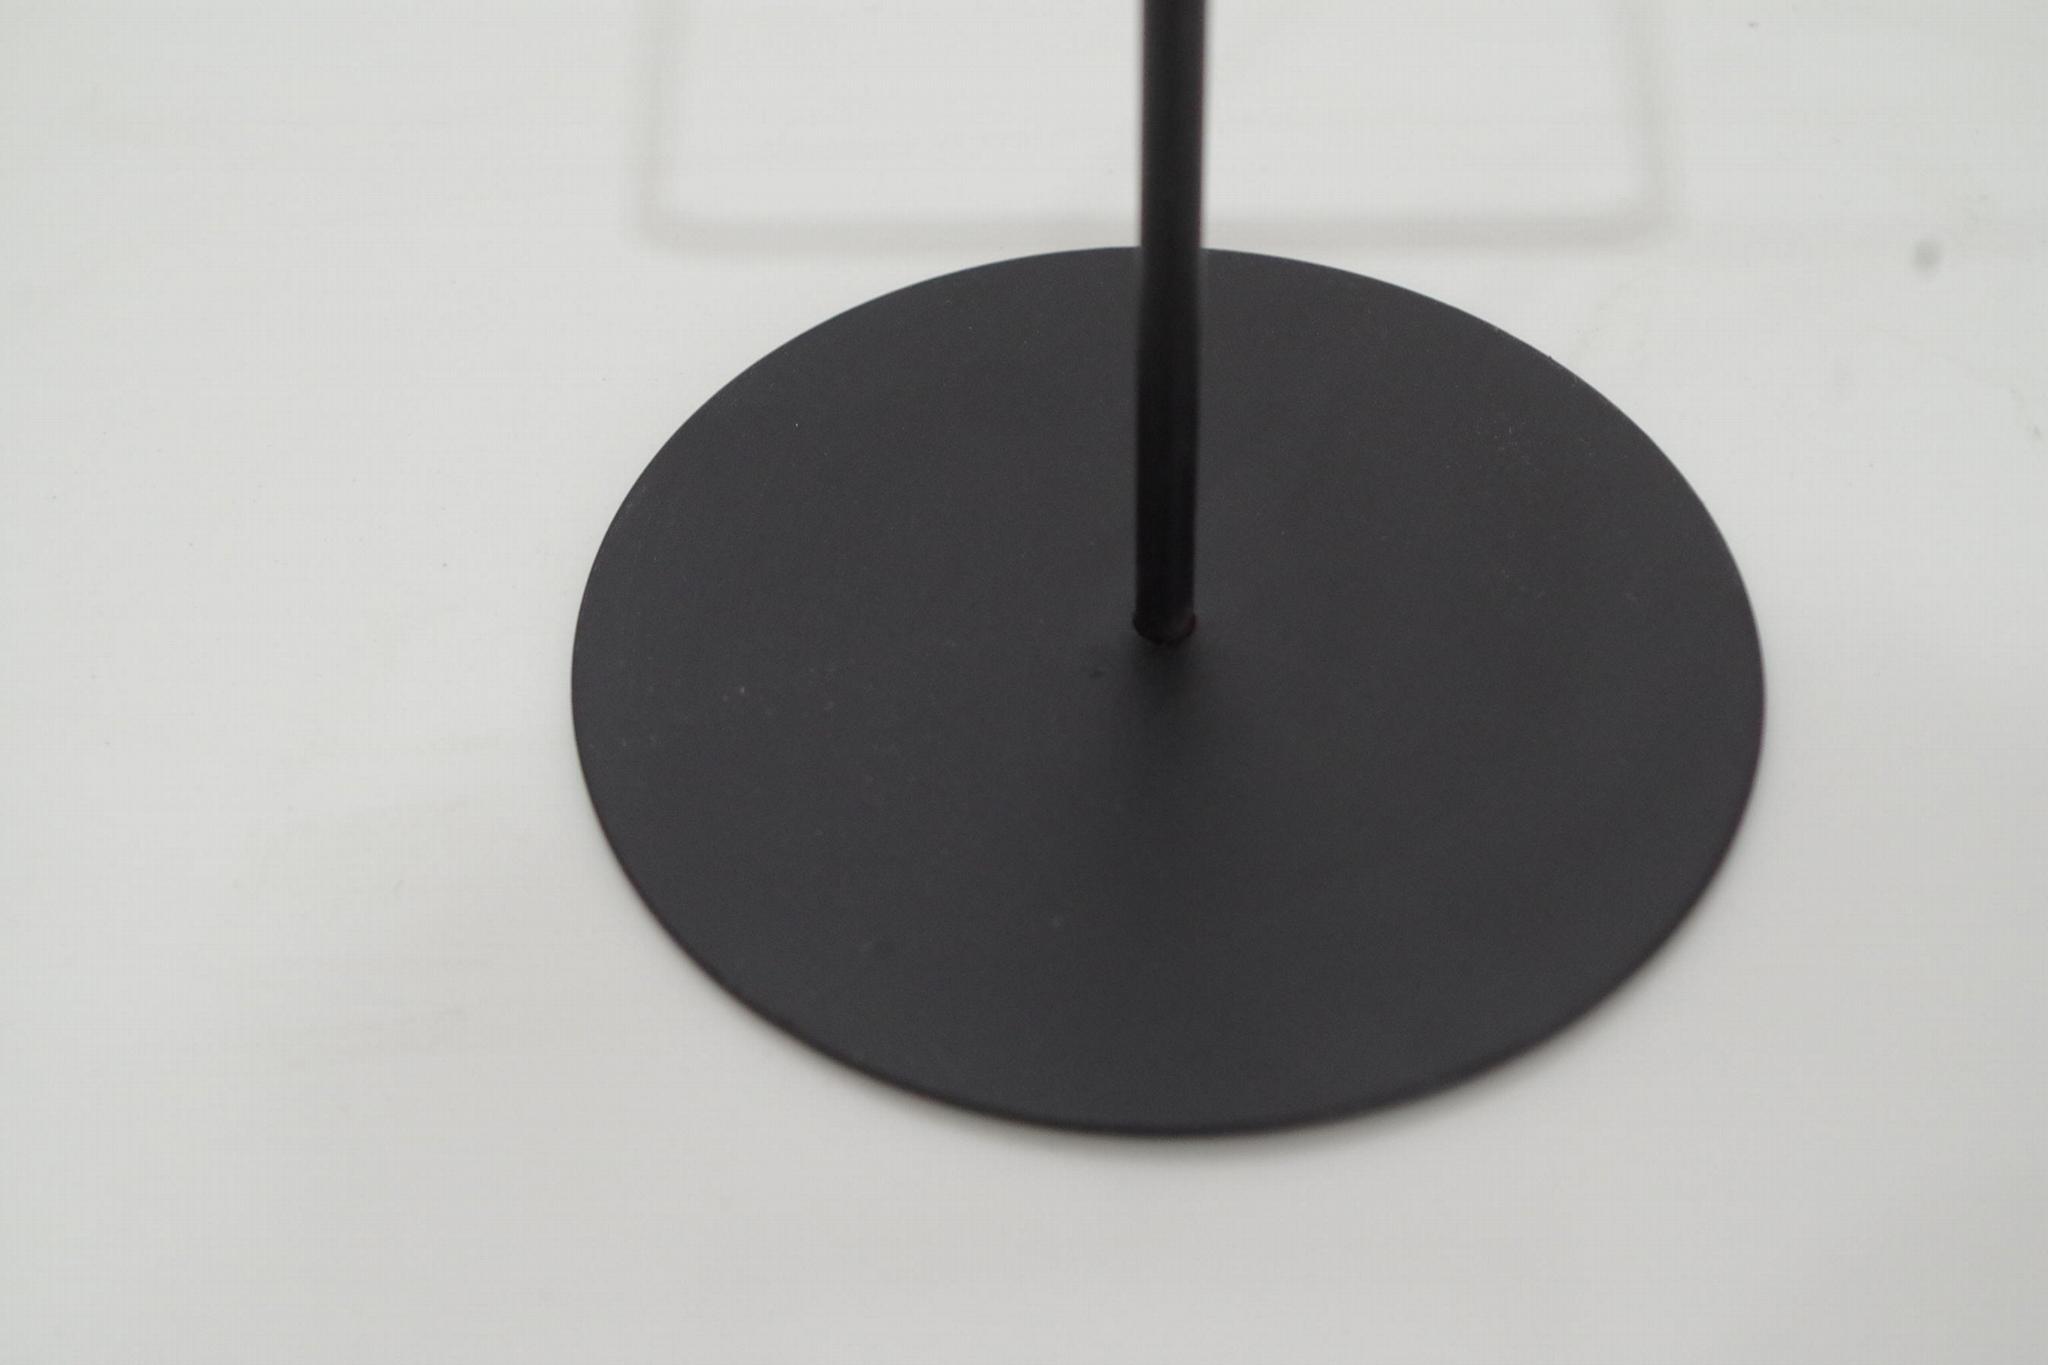 桌面裝飾品鐵裝飾品工業風格 4